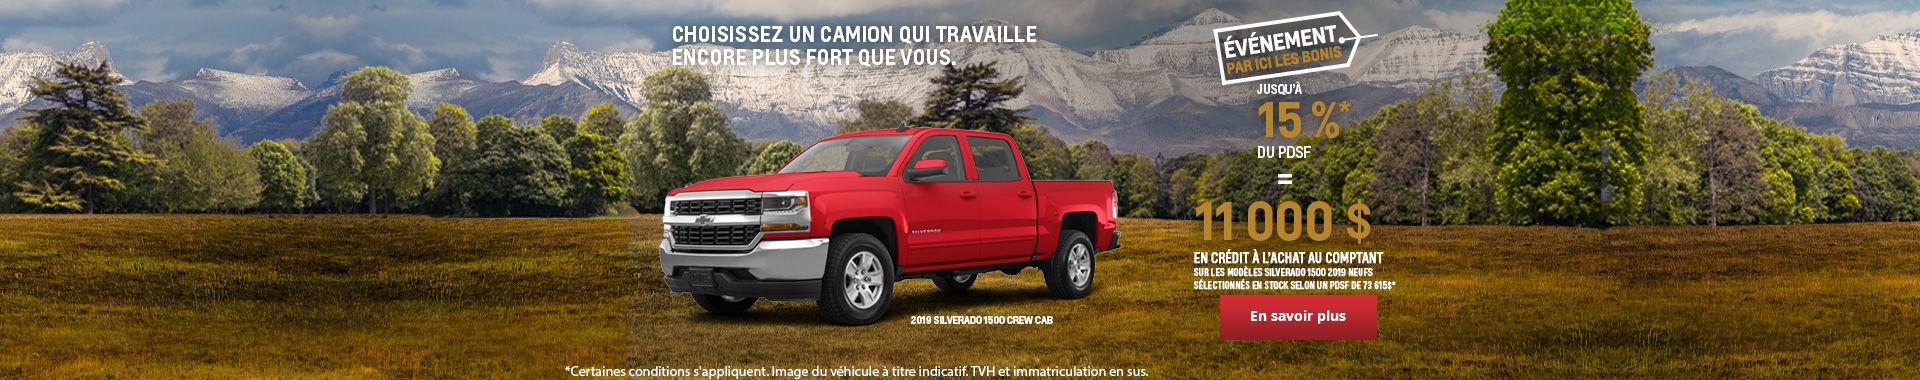 Chevrolet Event - Barrahven